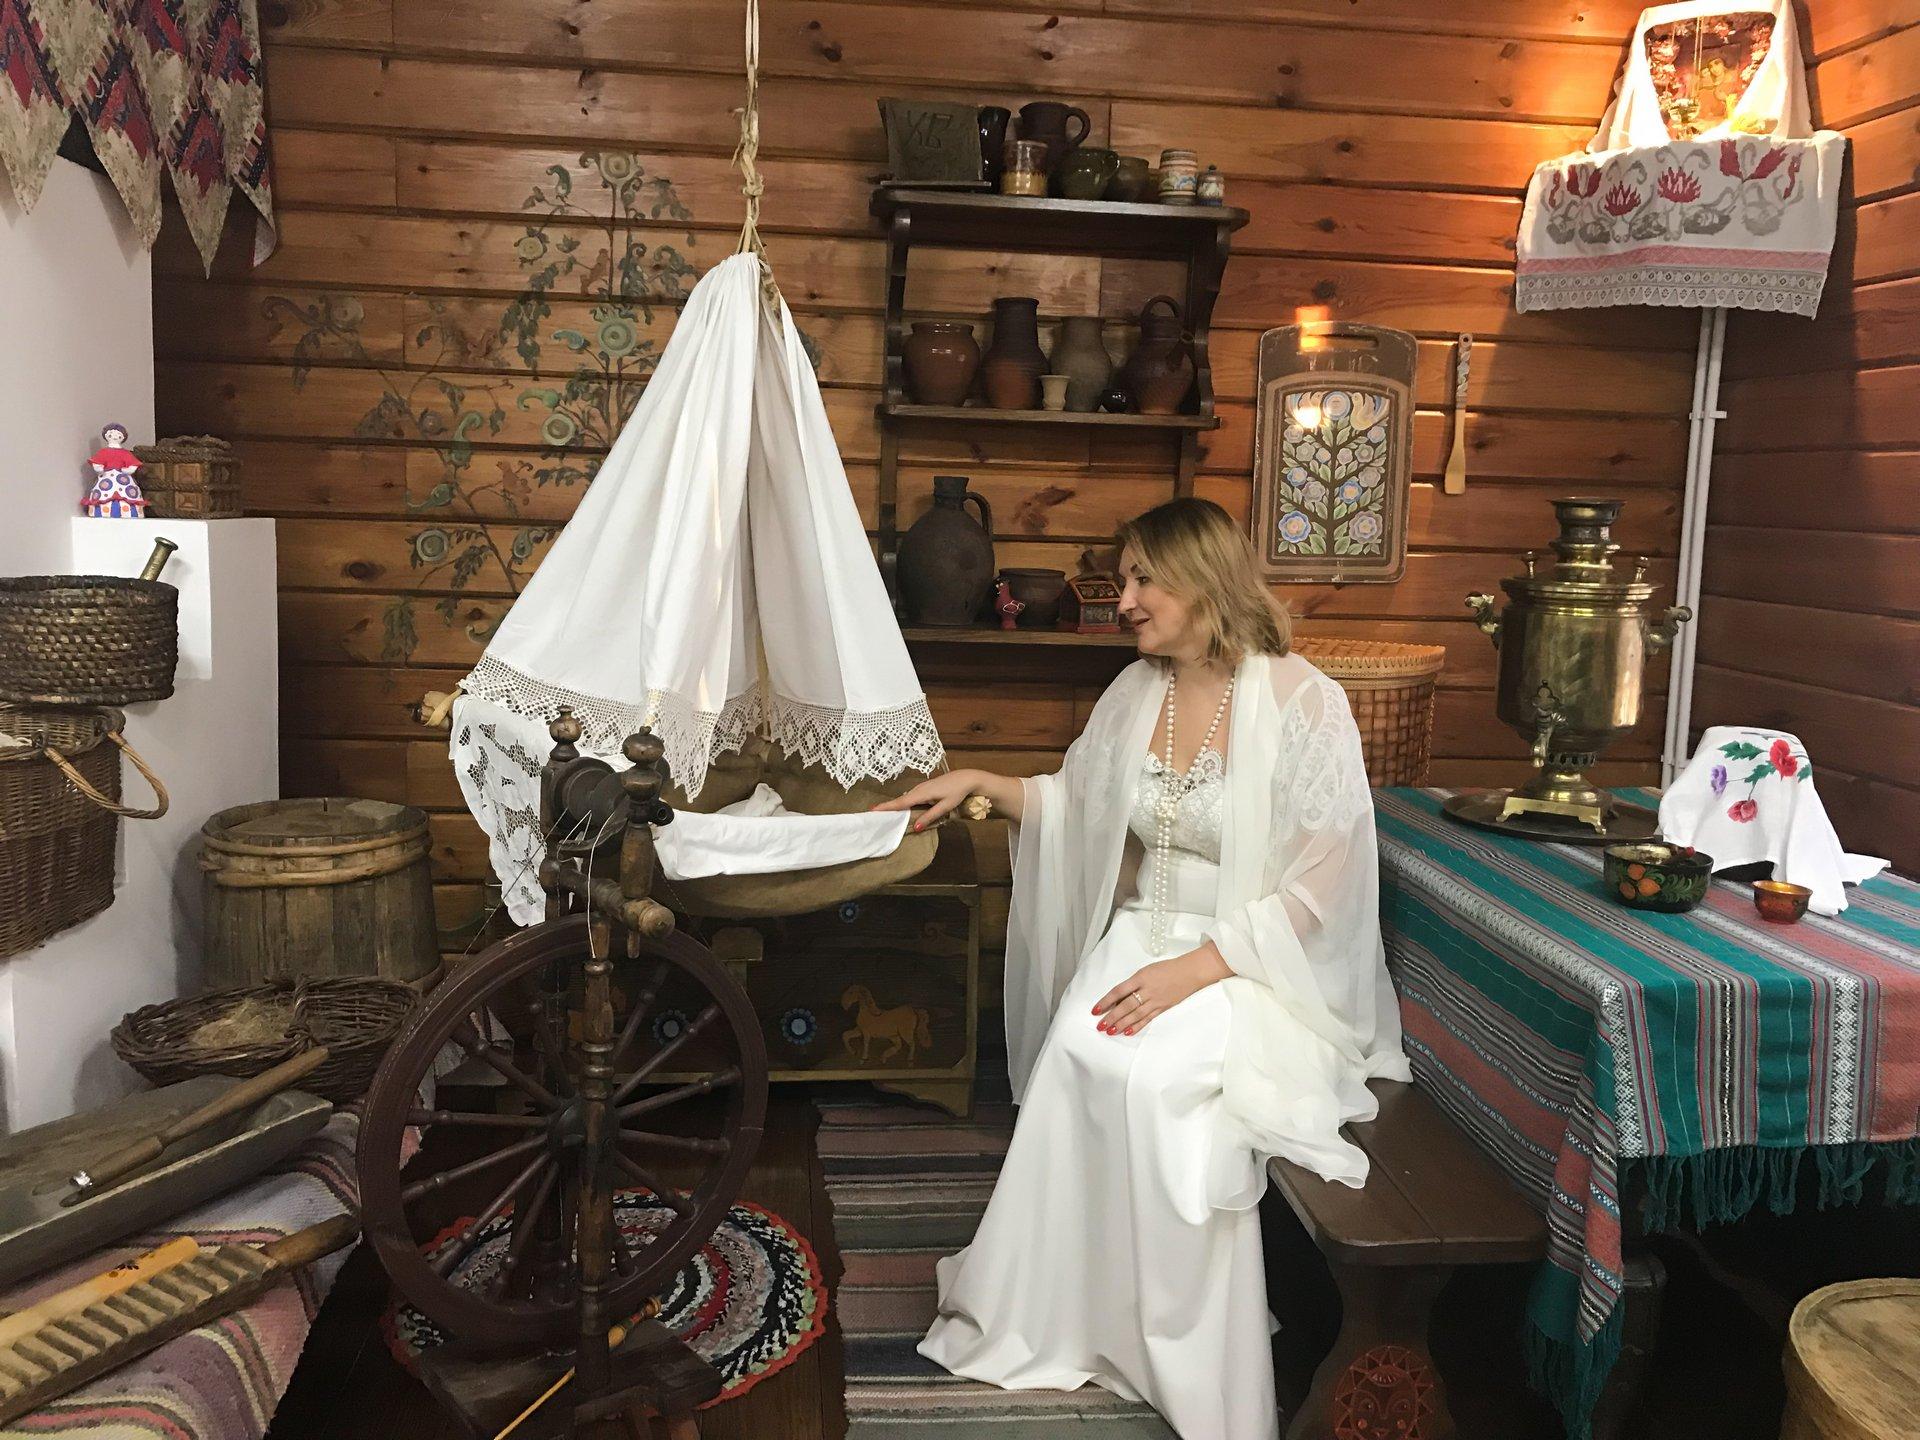 Над колыбелью - Наталия Фаустова